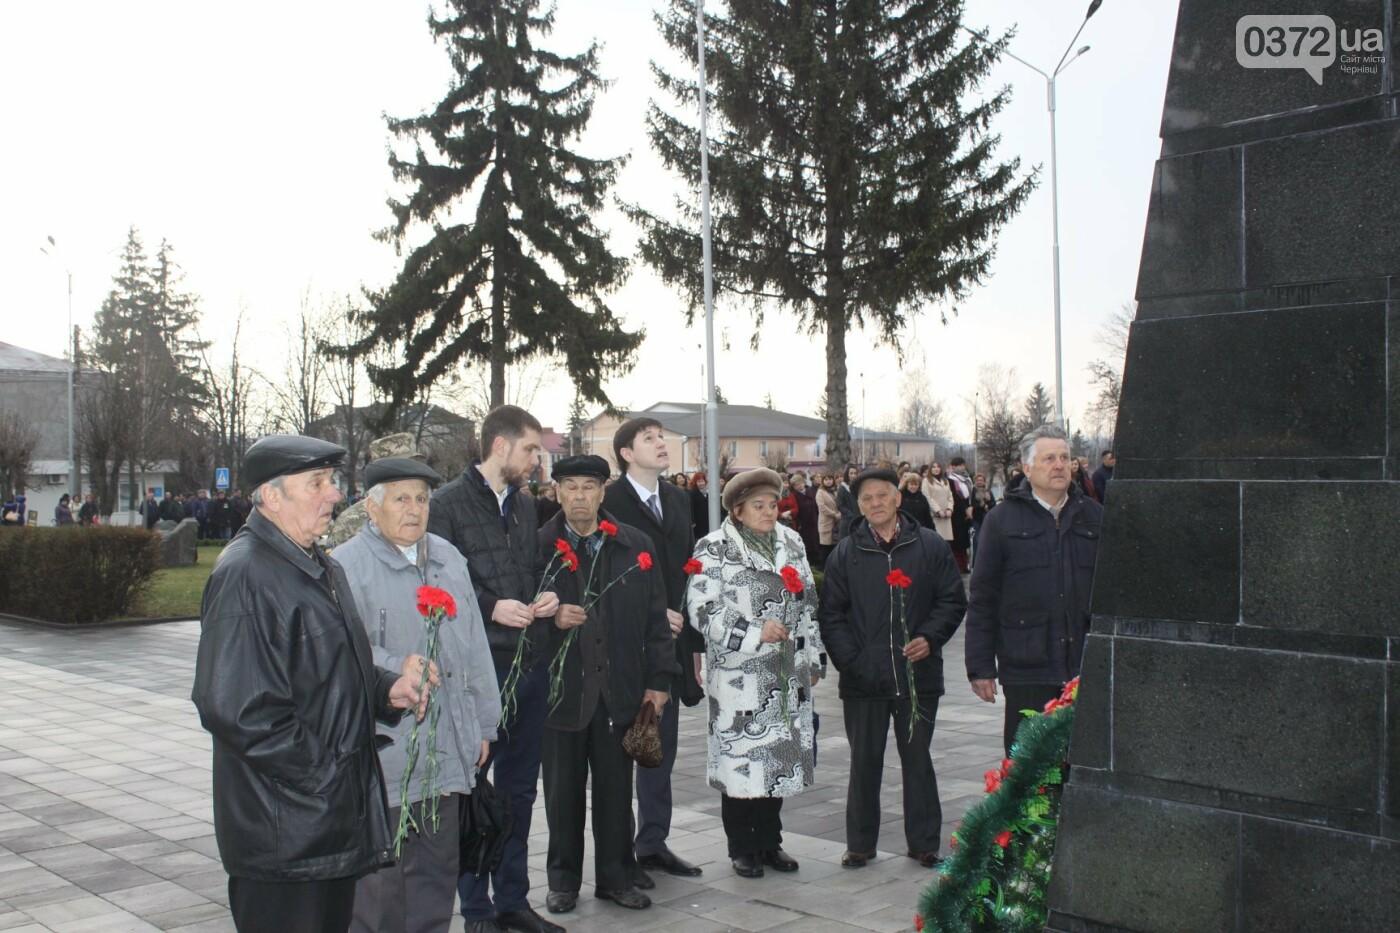 На Сокирянщині відзначили 75-ту річницю визволення від нацистів, фото-4